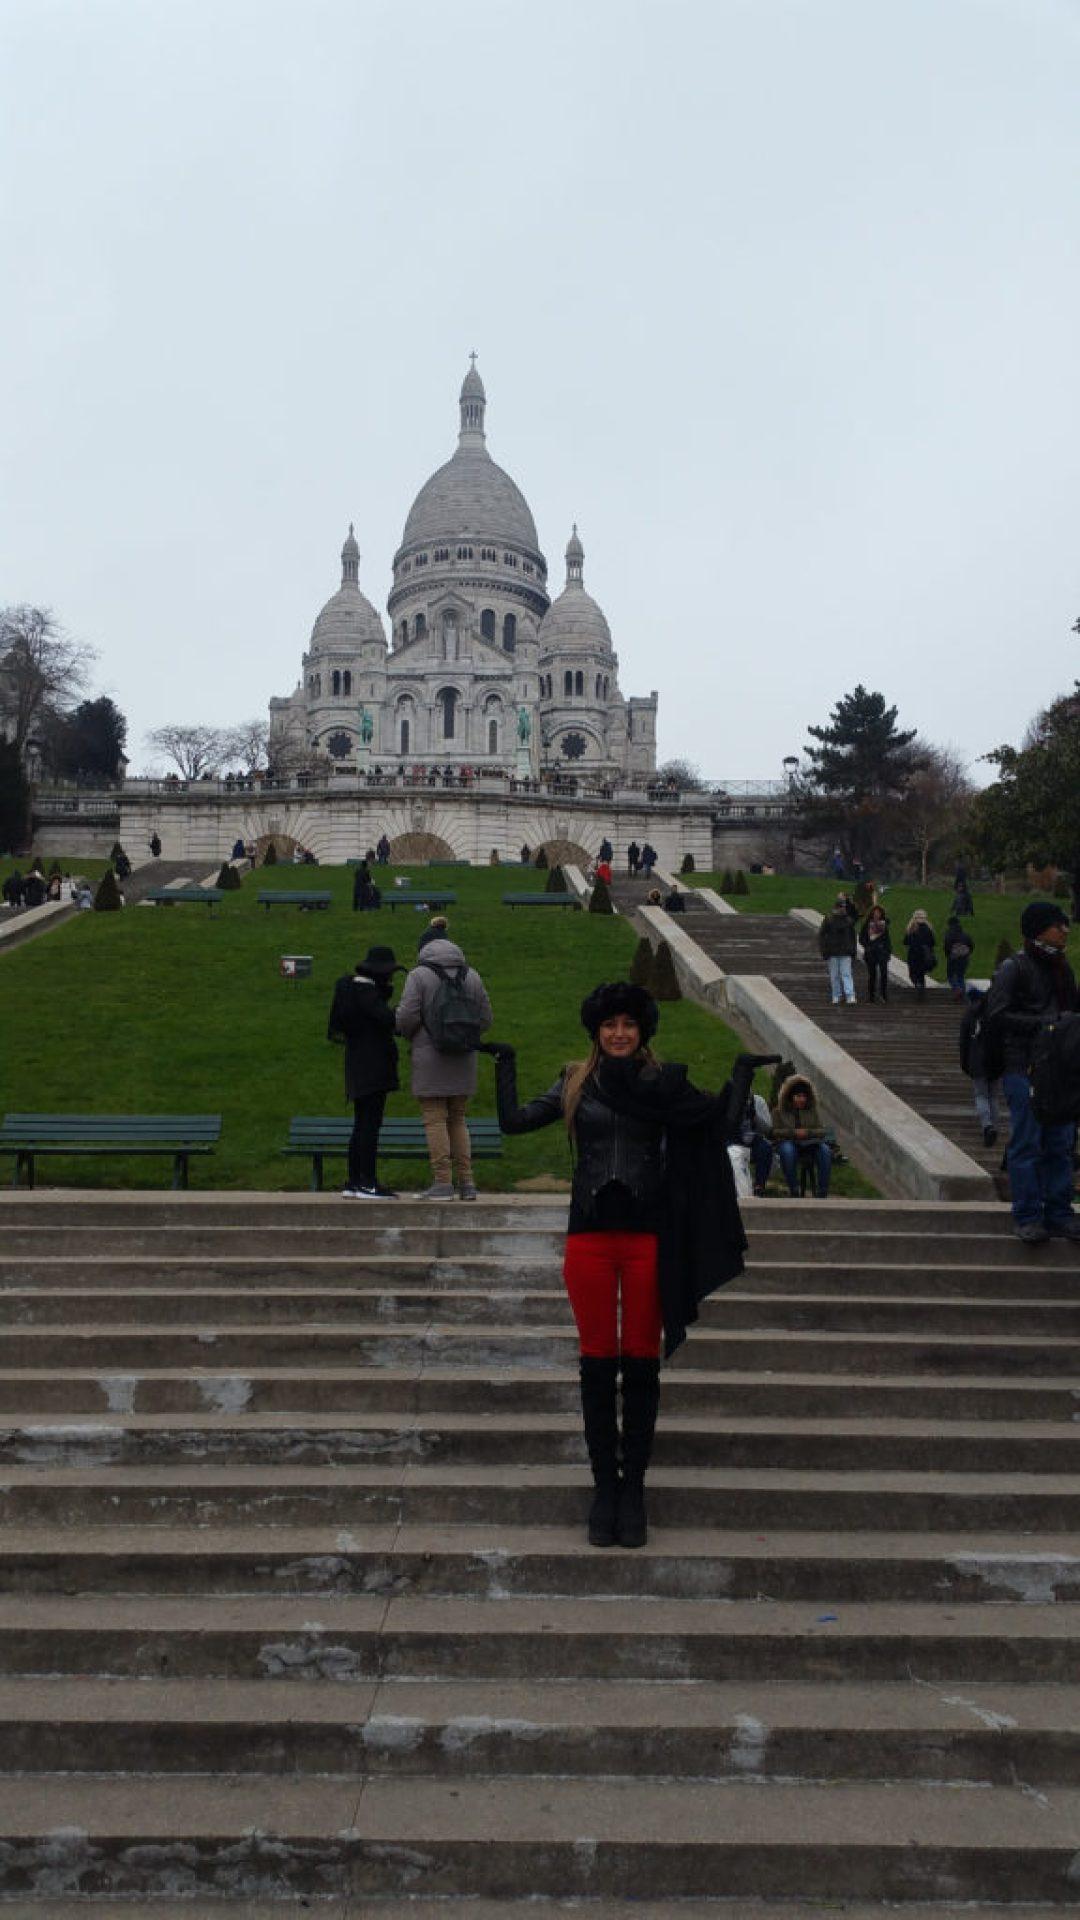 Η Εκκλησία της Ιερής Καρδιάς, Παρίσι